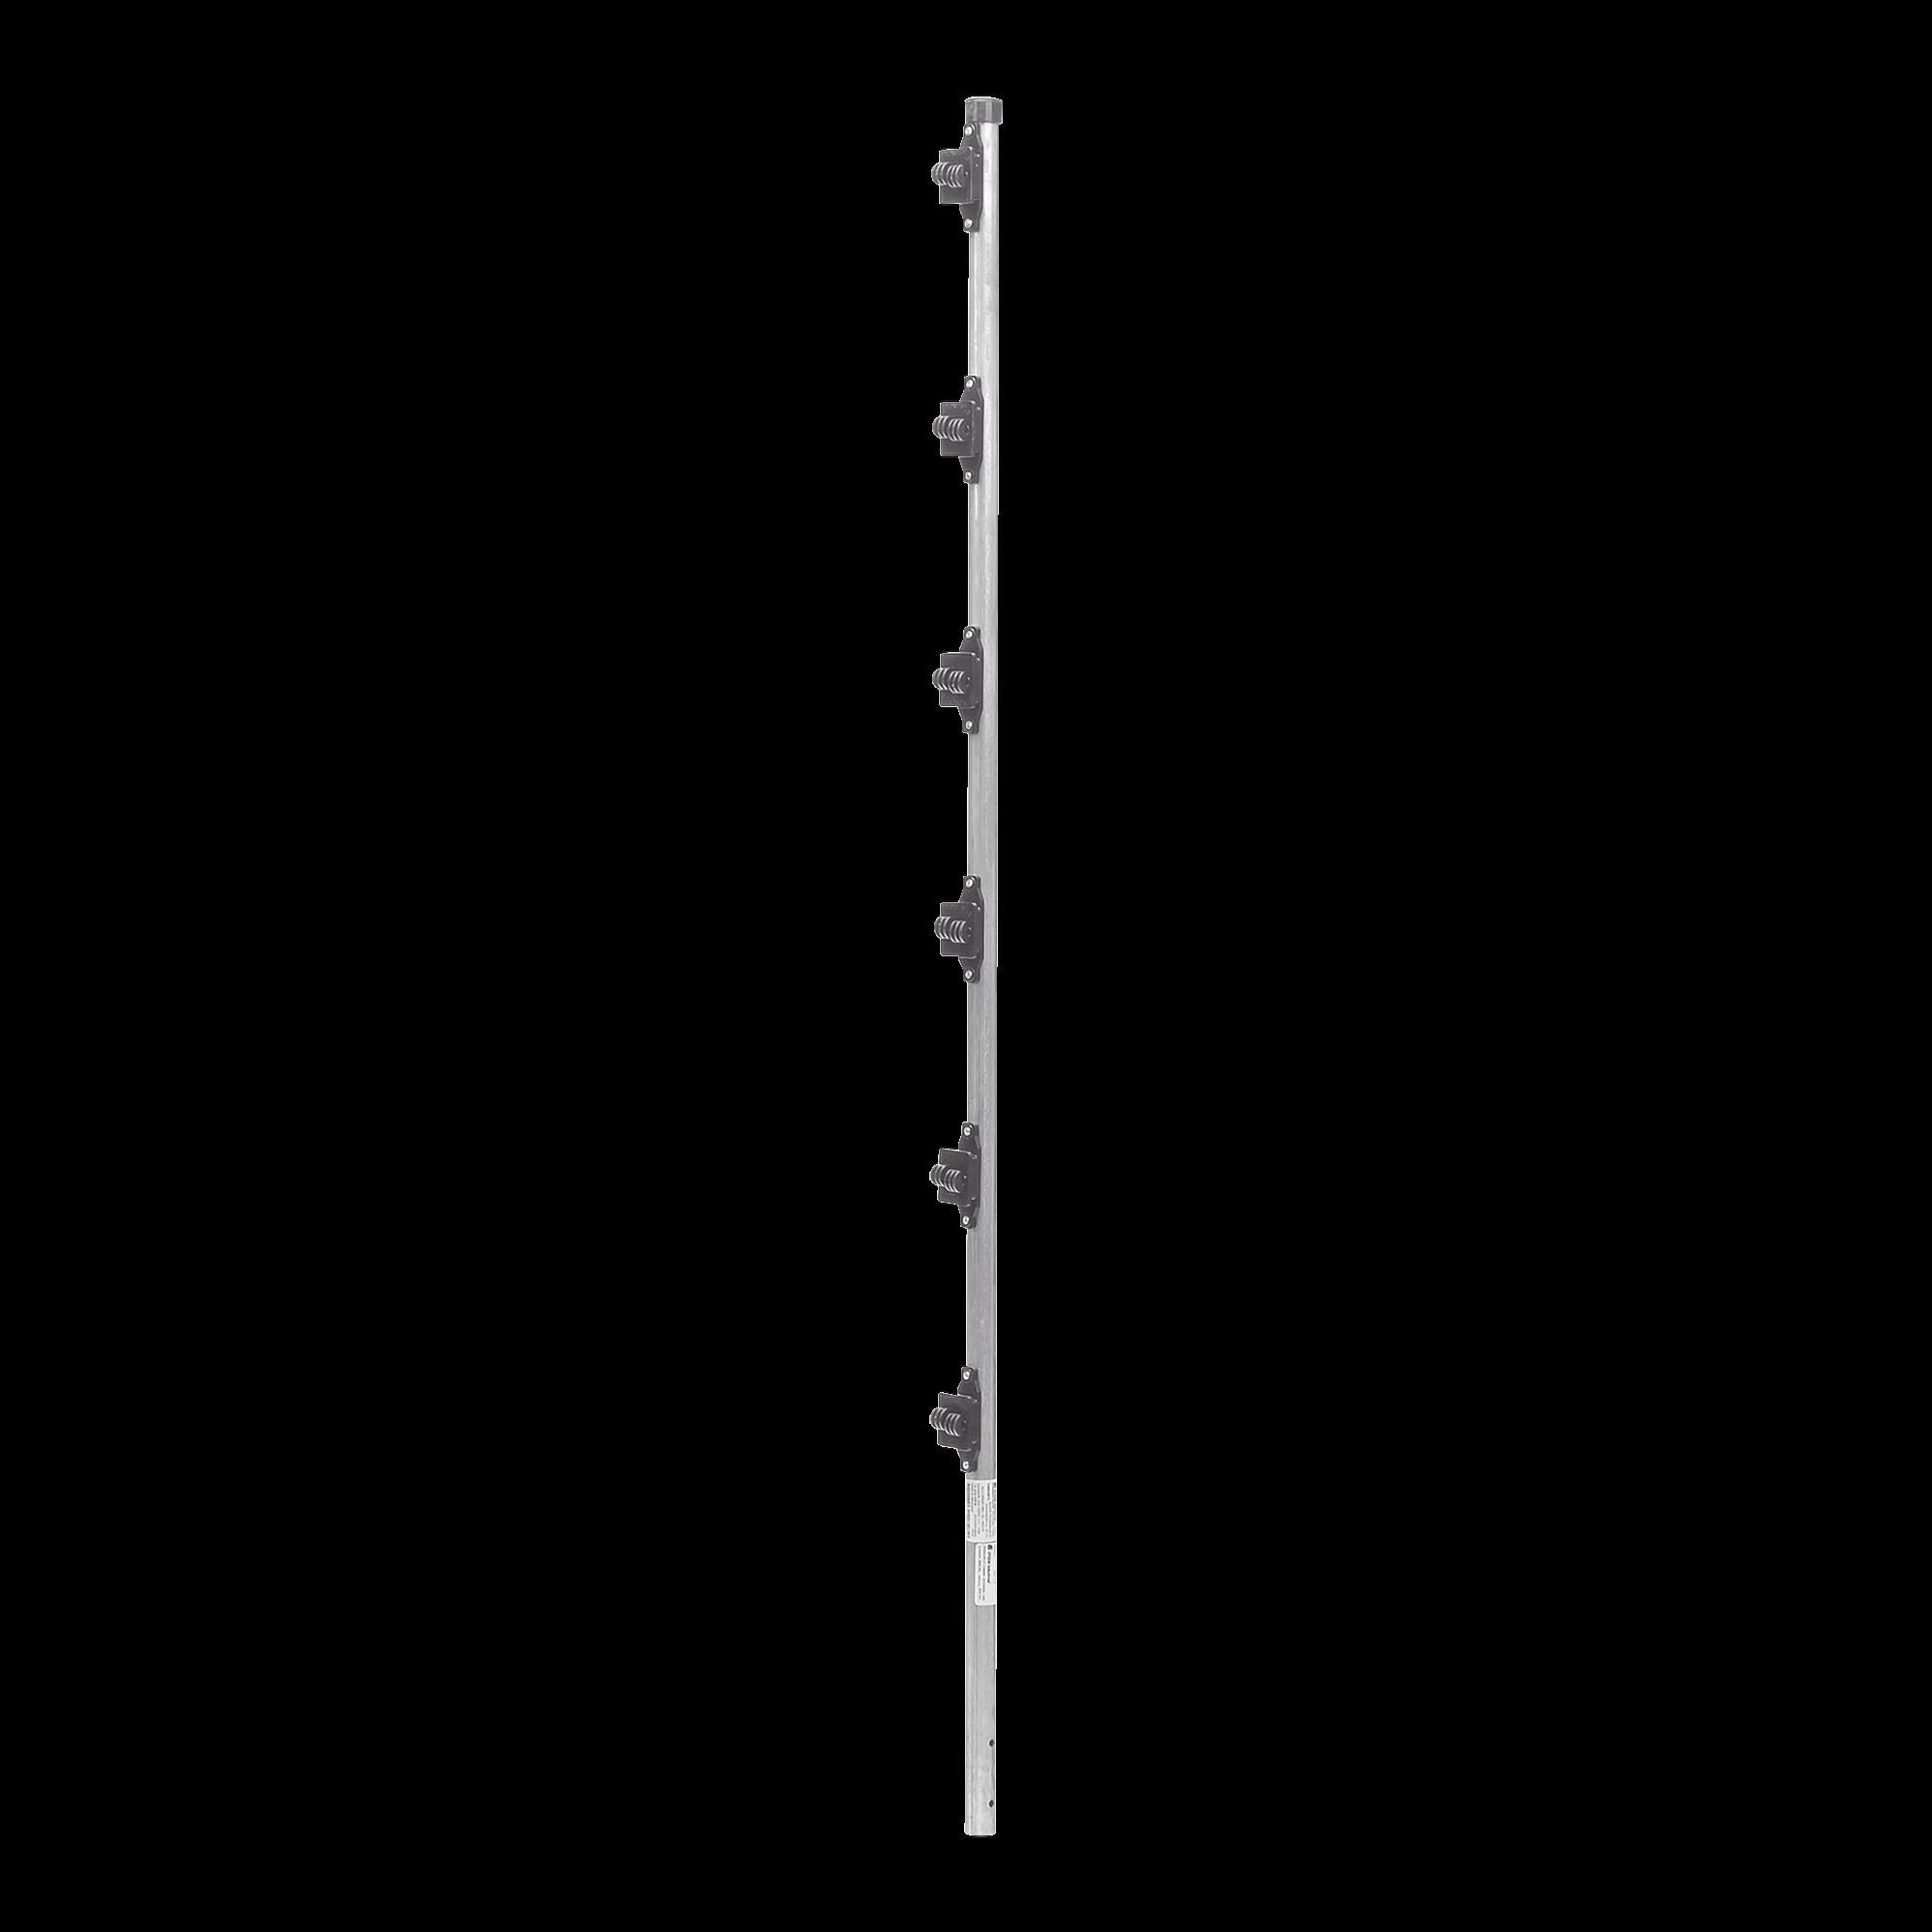 Poste con 6 Aisladores de PASO  para Cerca Electrificada. Tubo Galva. de 1.4m, cal. 18 de 1 Diam. (Sin pintar).